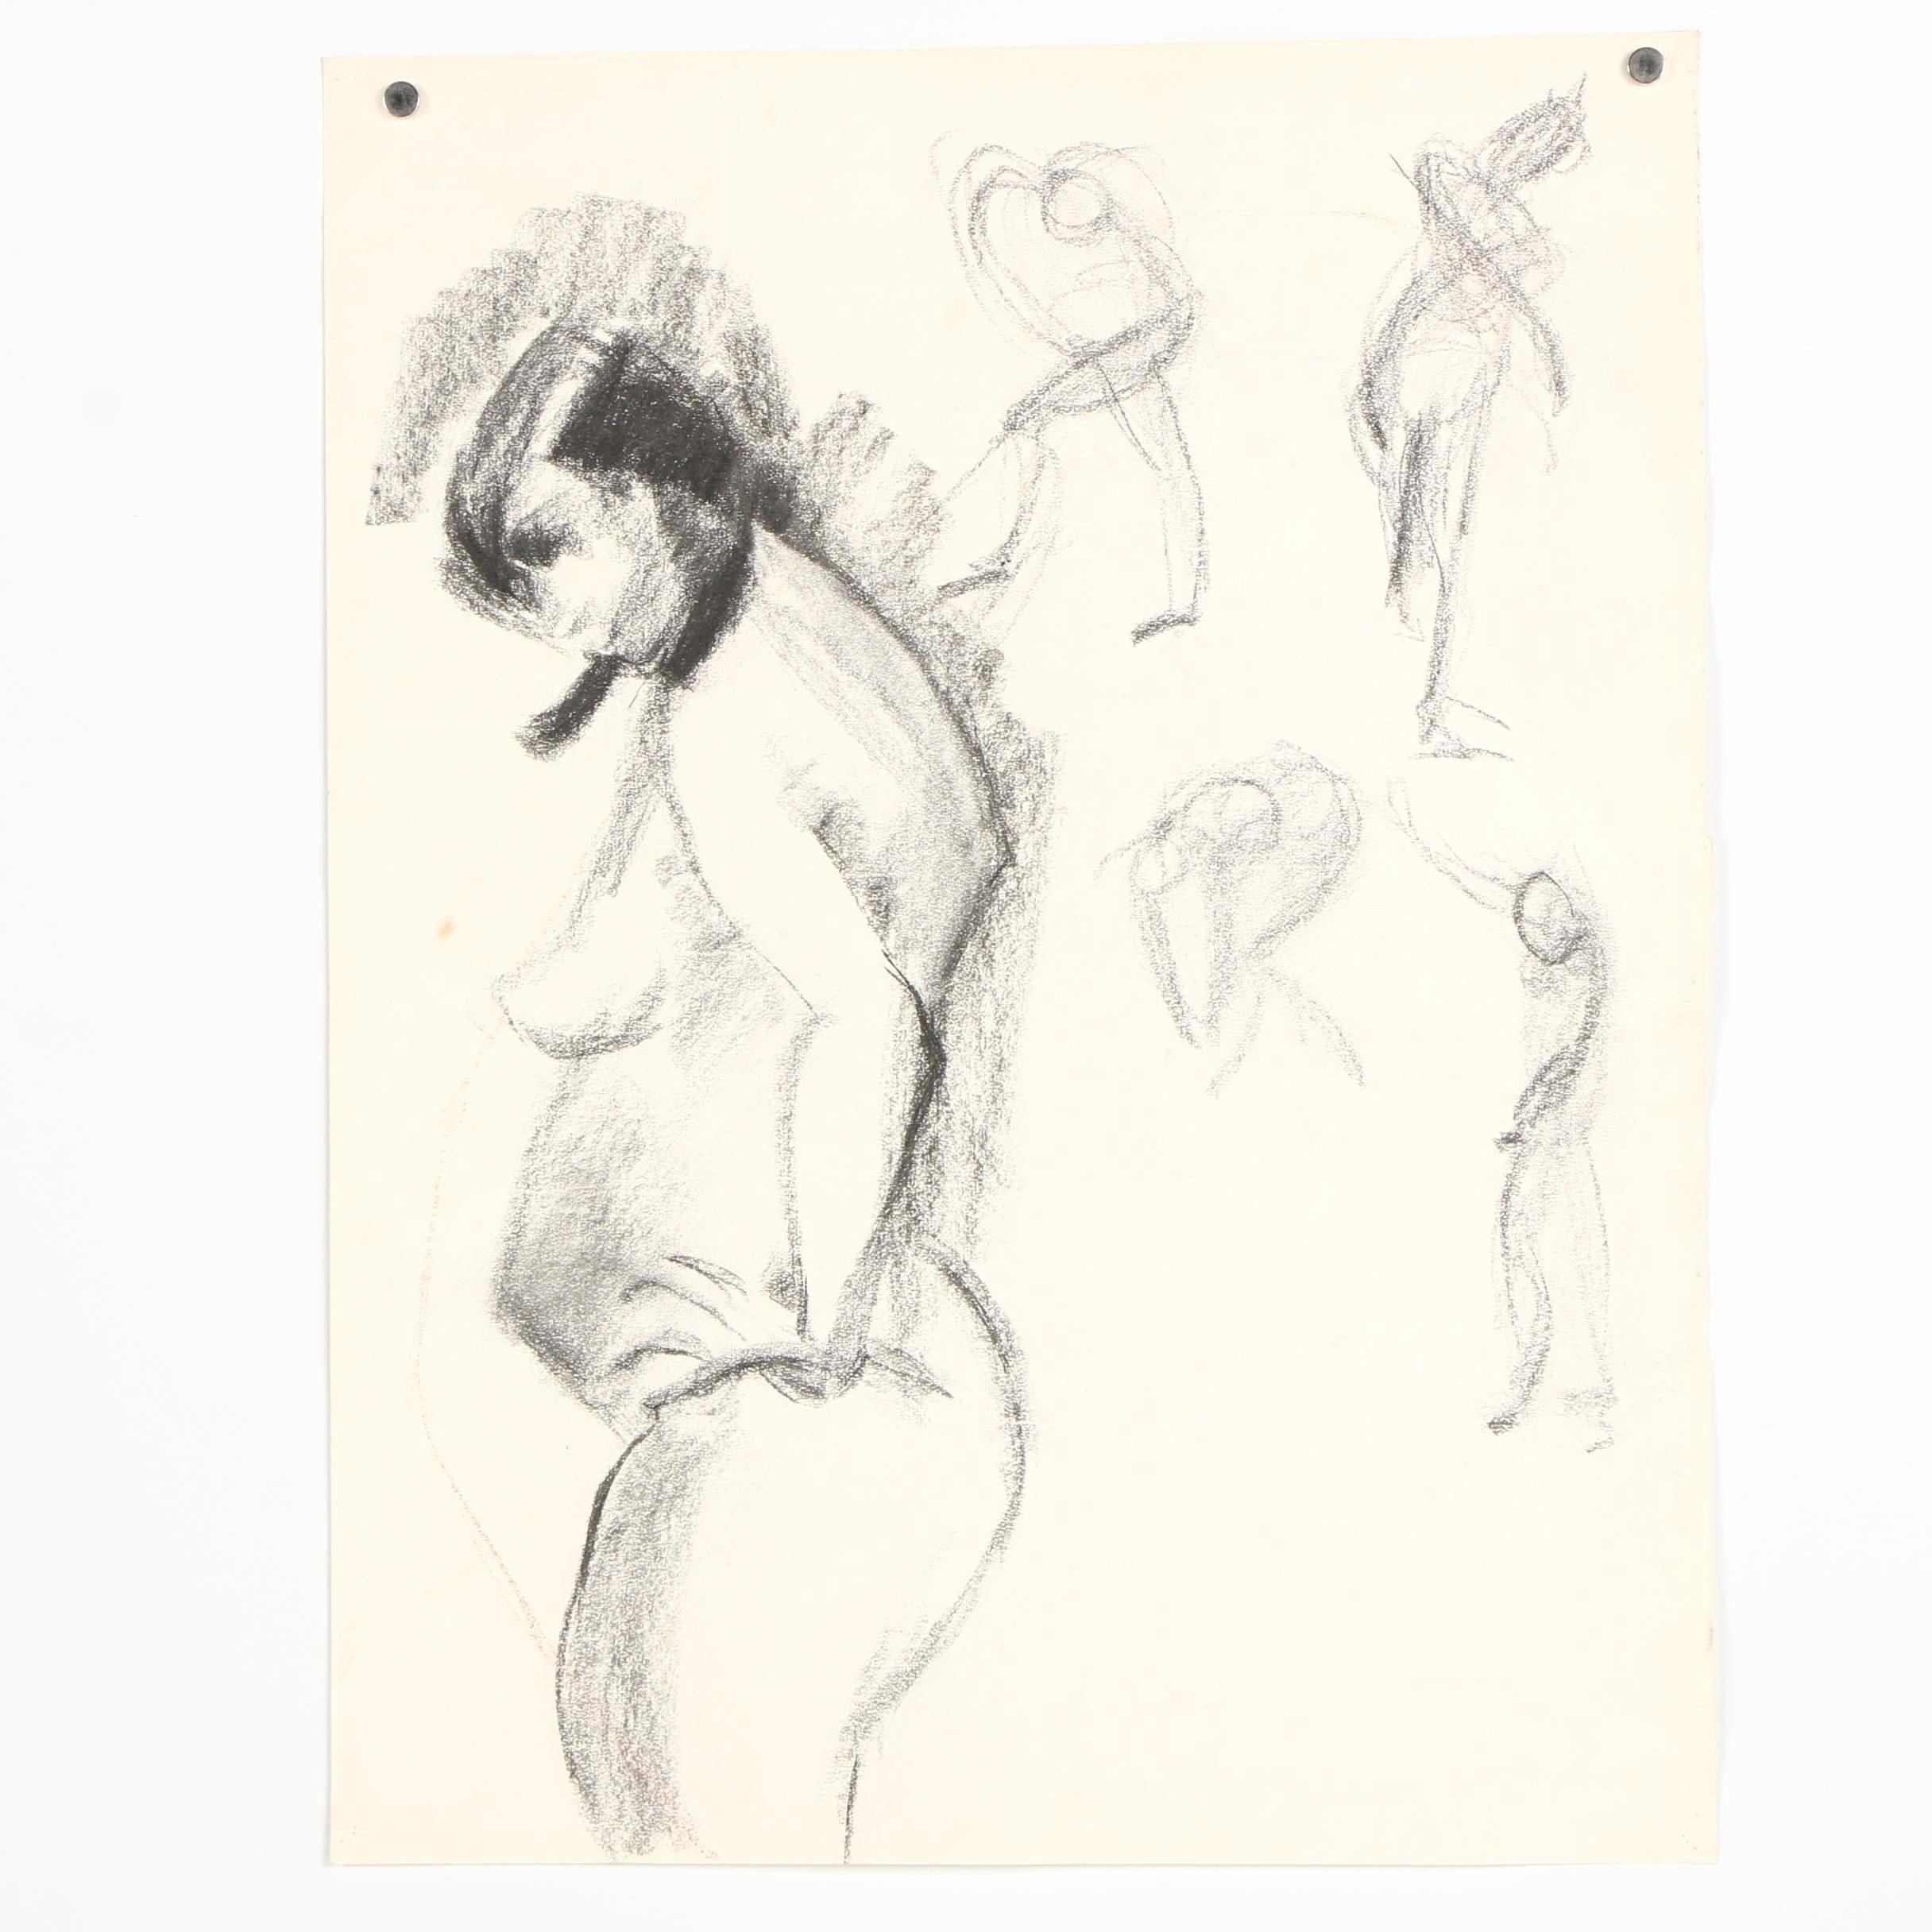 Beth Hertz Charcoal Figure Studies